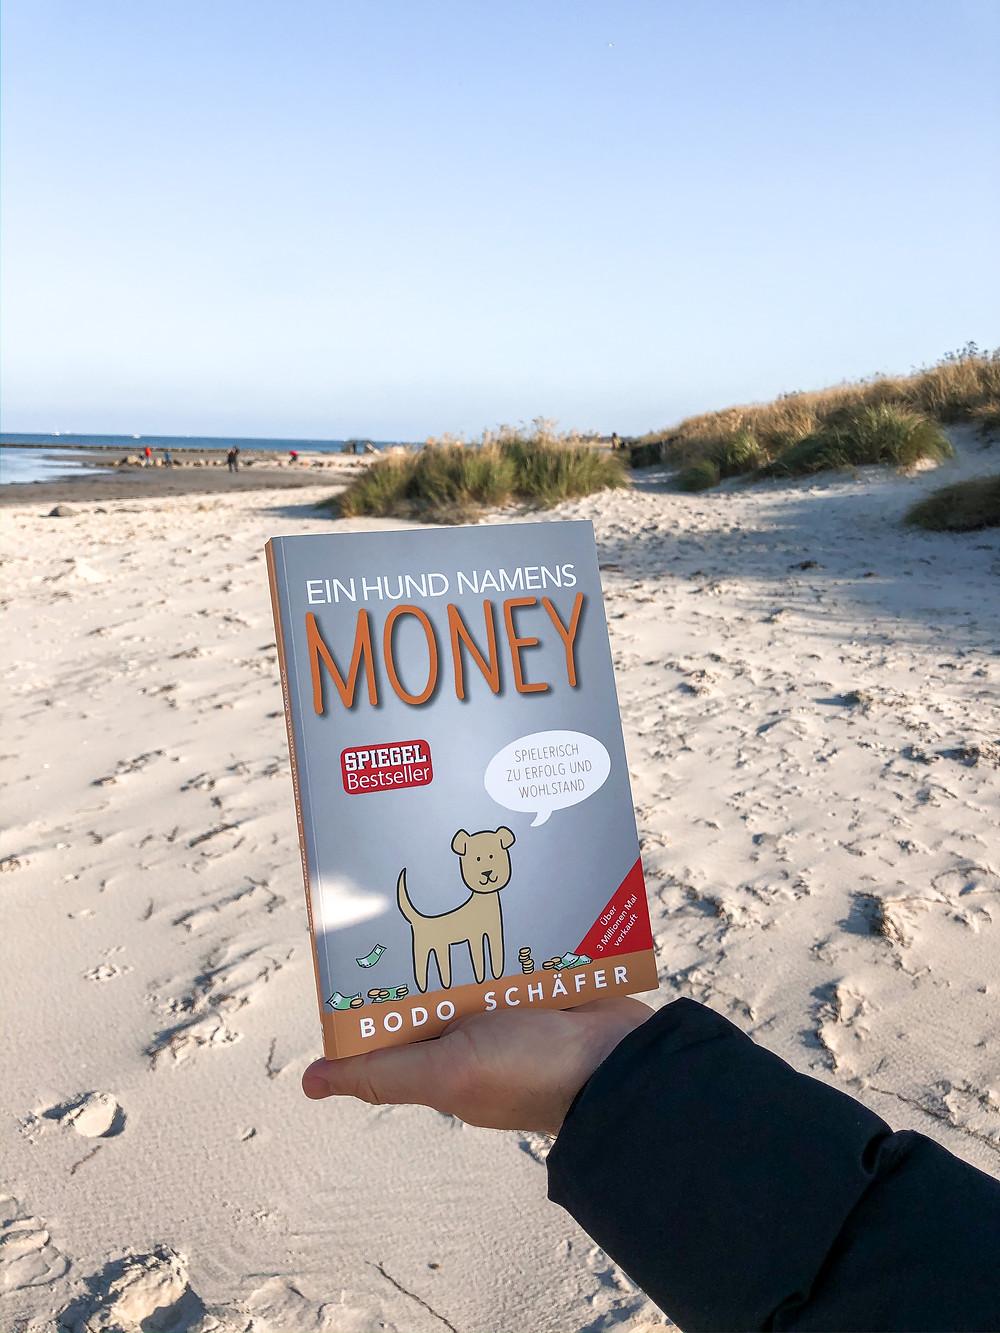 In ein Hund namens Money erlebt man die Geschichte der kleinen Kira, die es schafft durch den zugelaufenen Hund Money ihren Umgang mit Geld vollkommen zu verändern und ihr Money-Mindset zu verbessern.